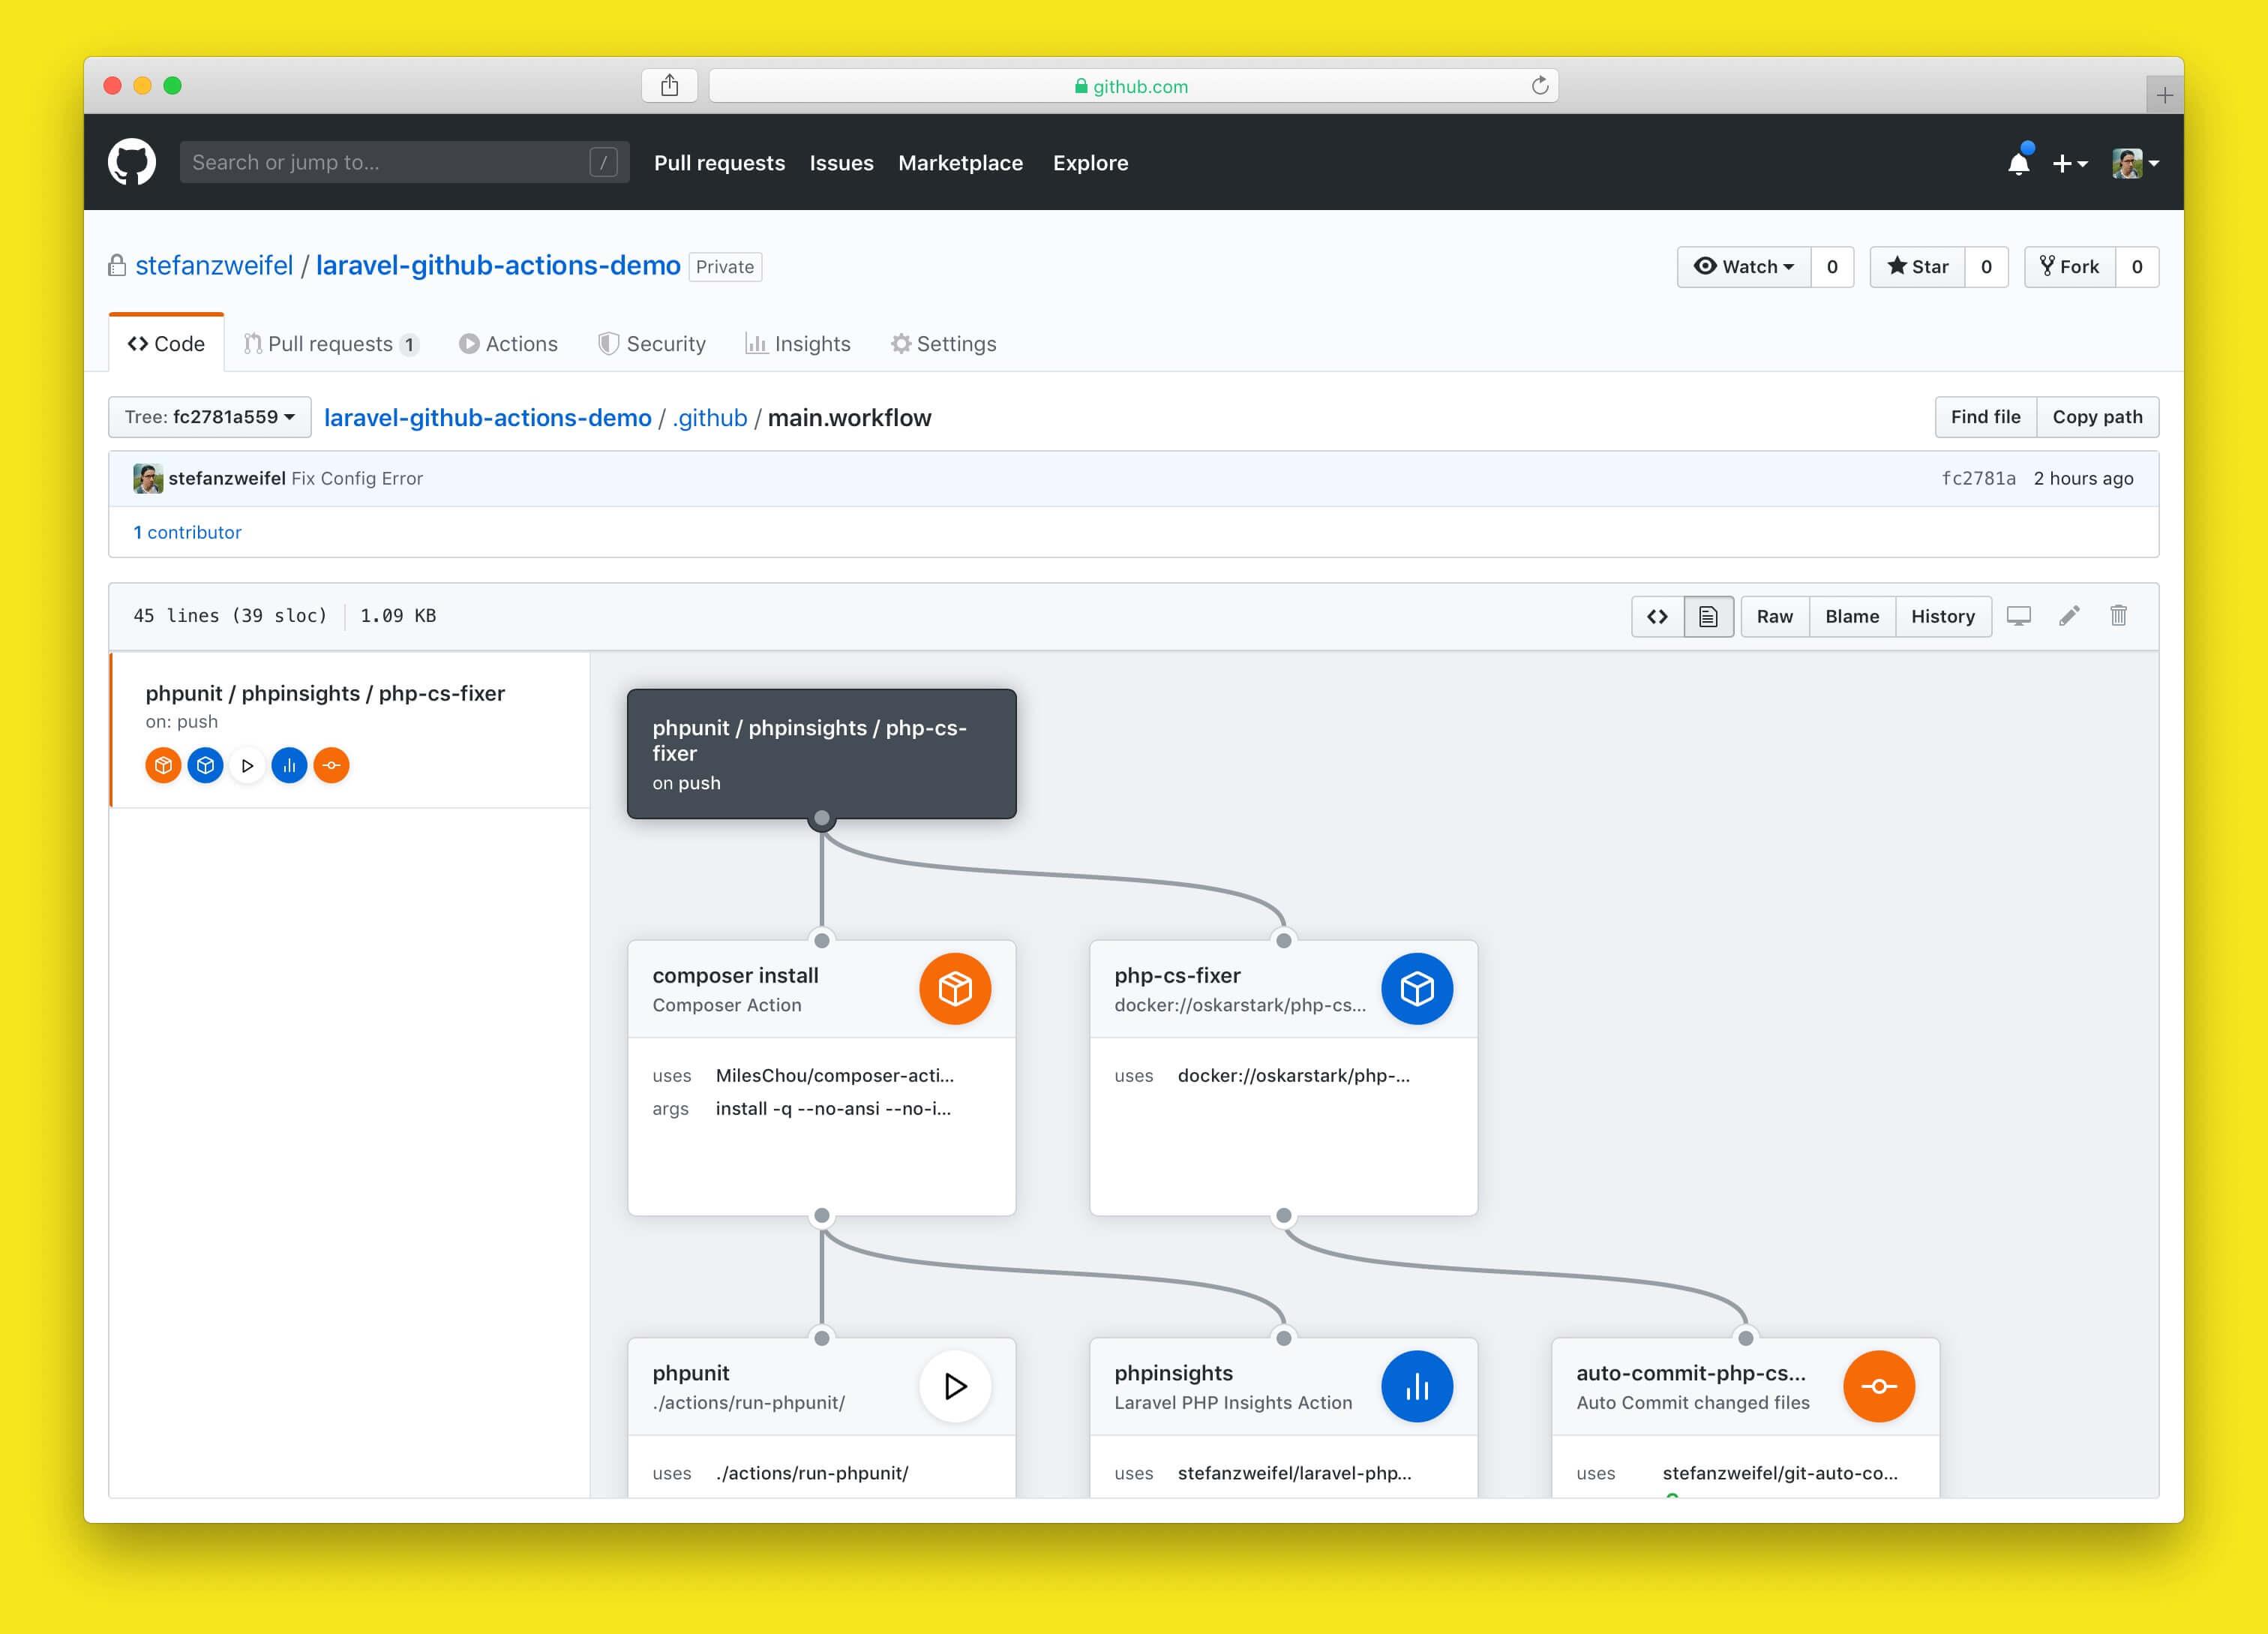 Screenshot of the Visual Editor for GitHub Actions on github.com